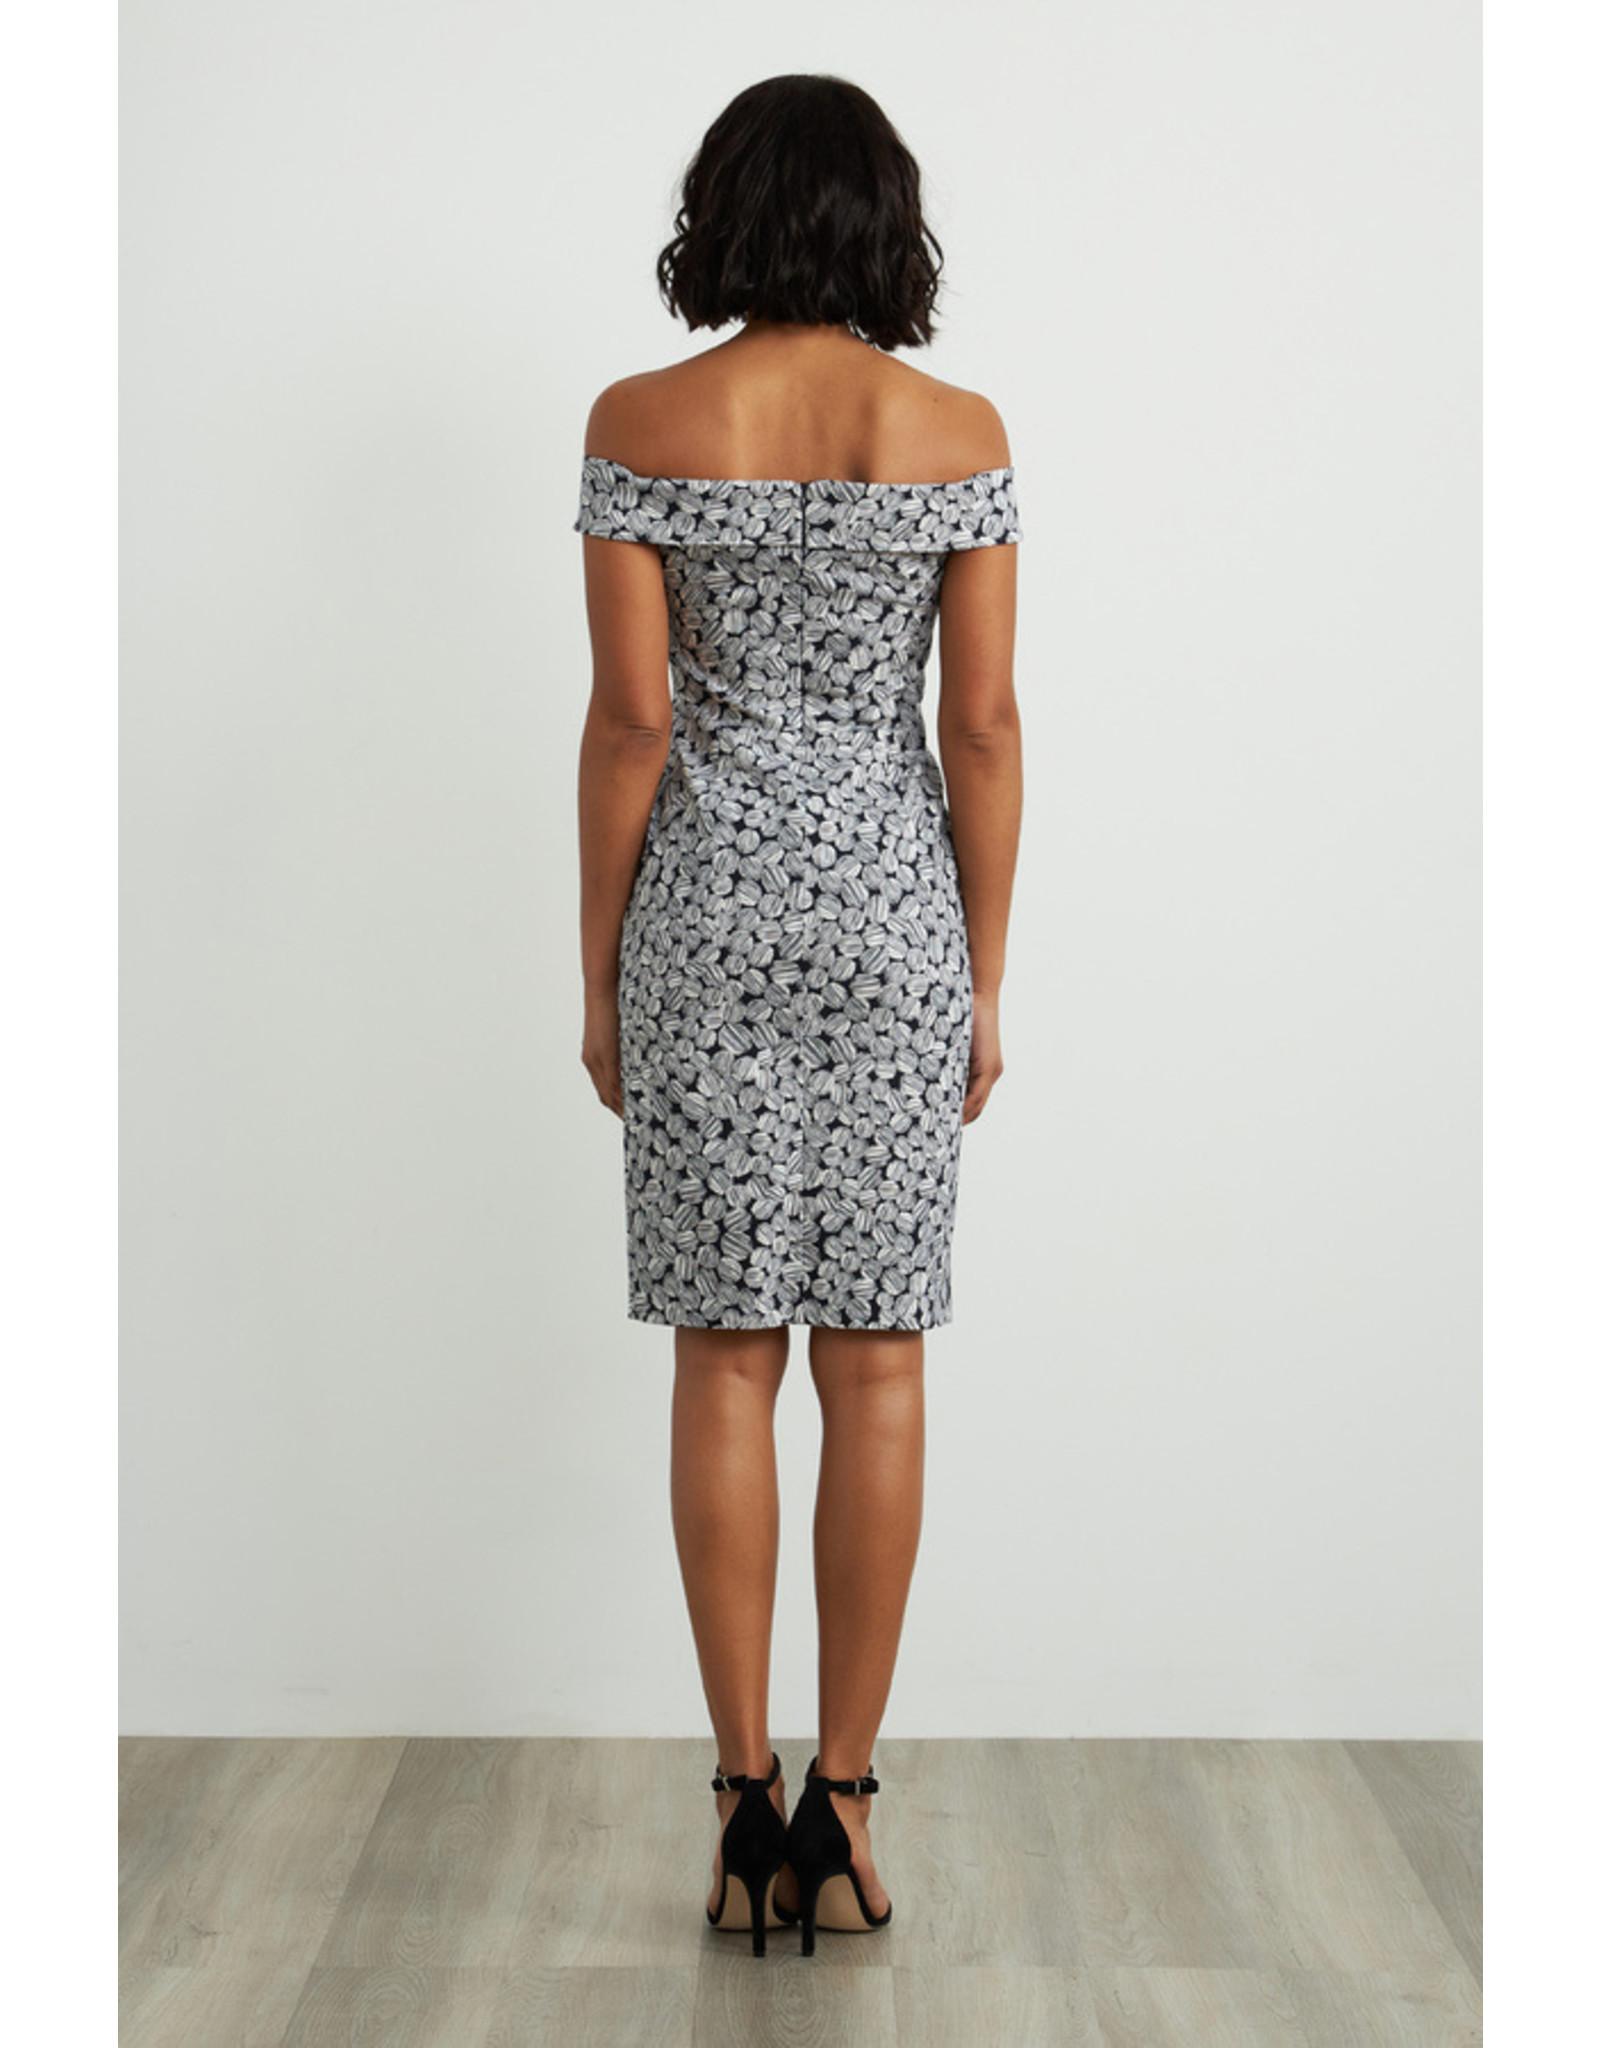 JOSEPH RIBKOFF 211442 dress